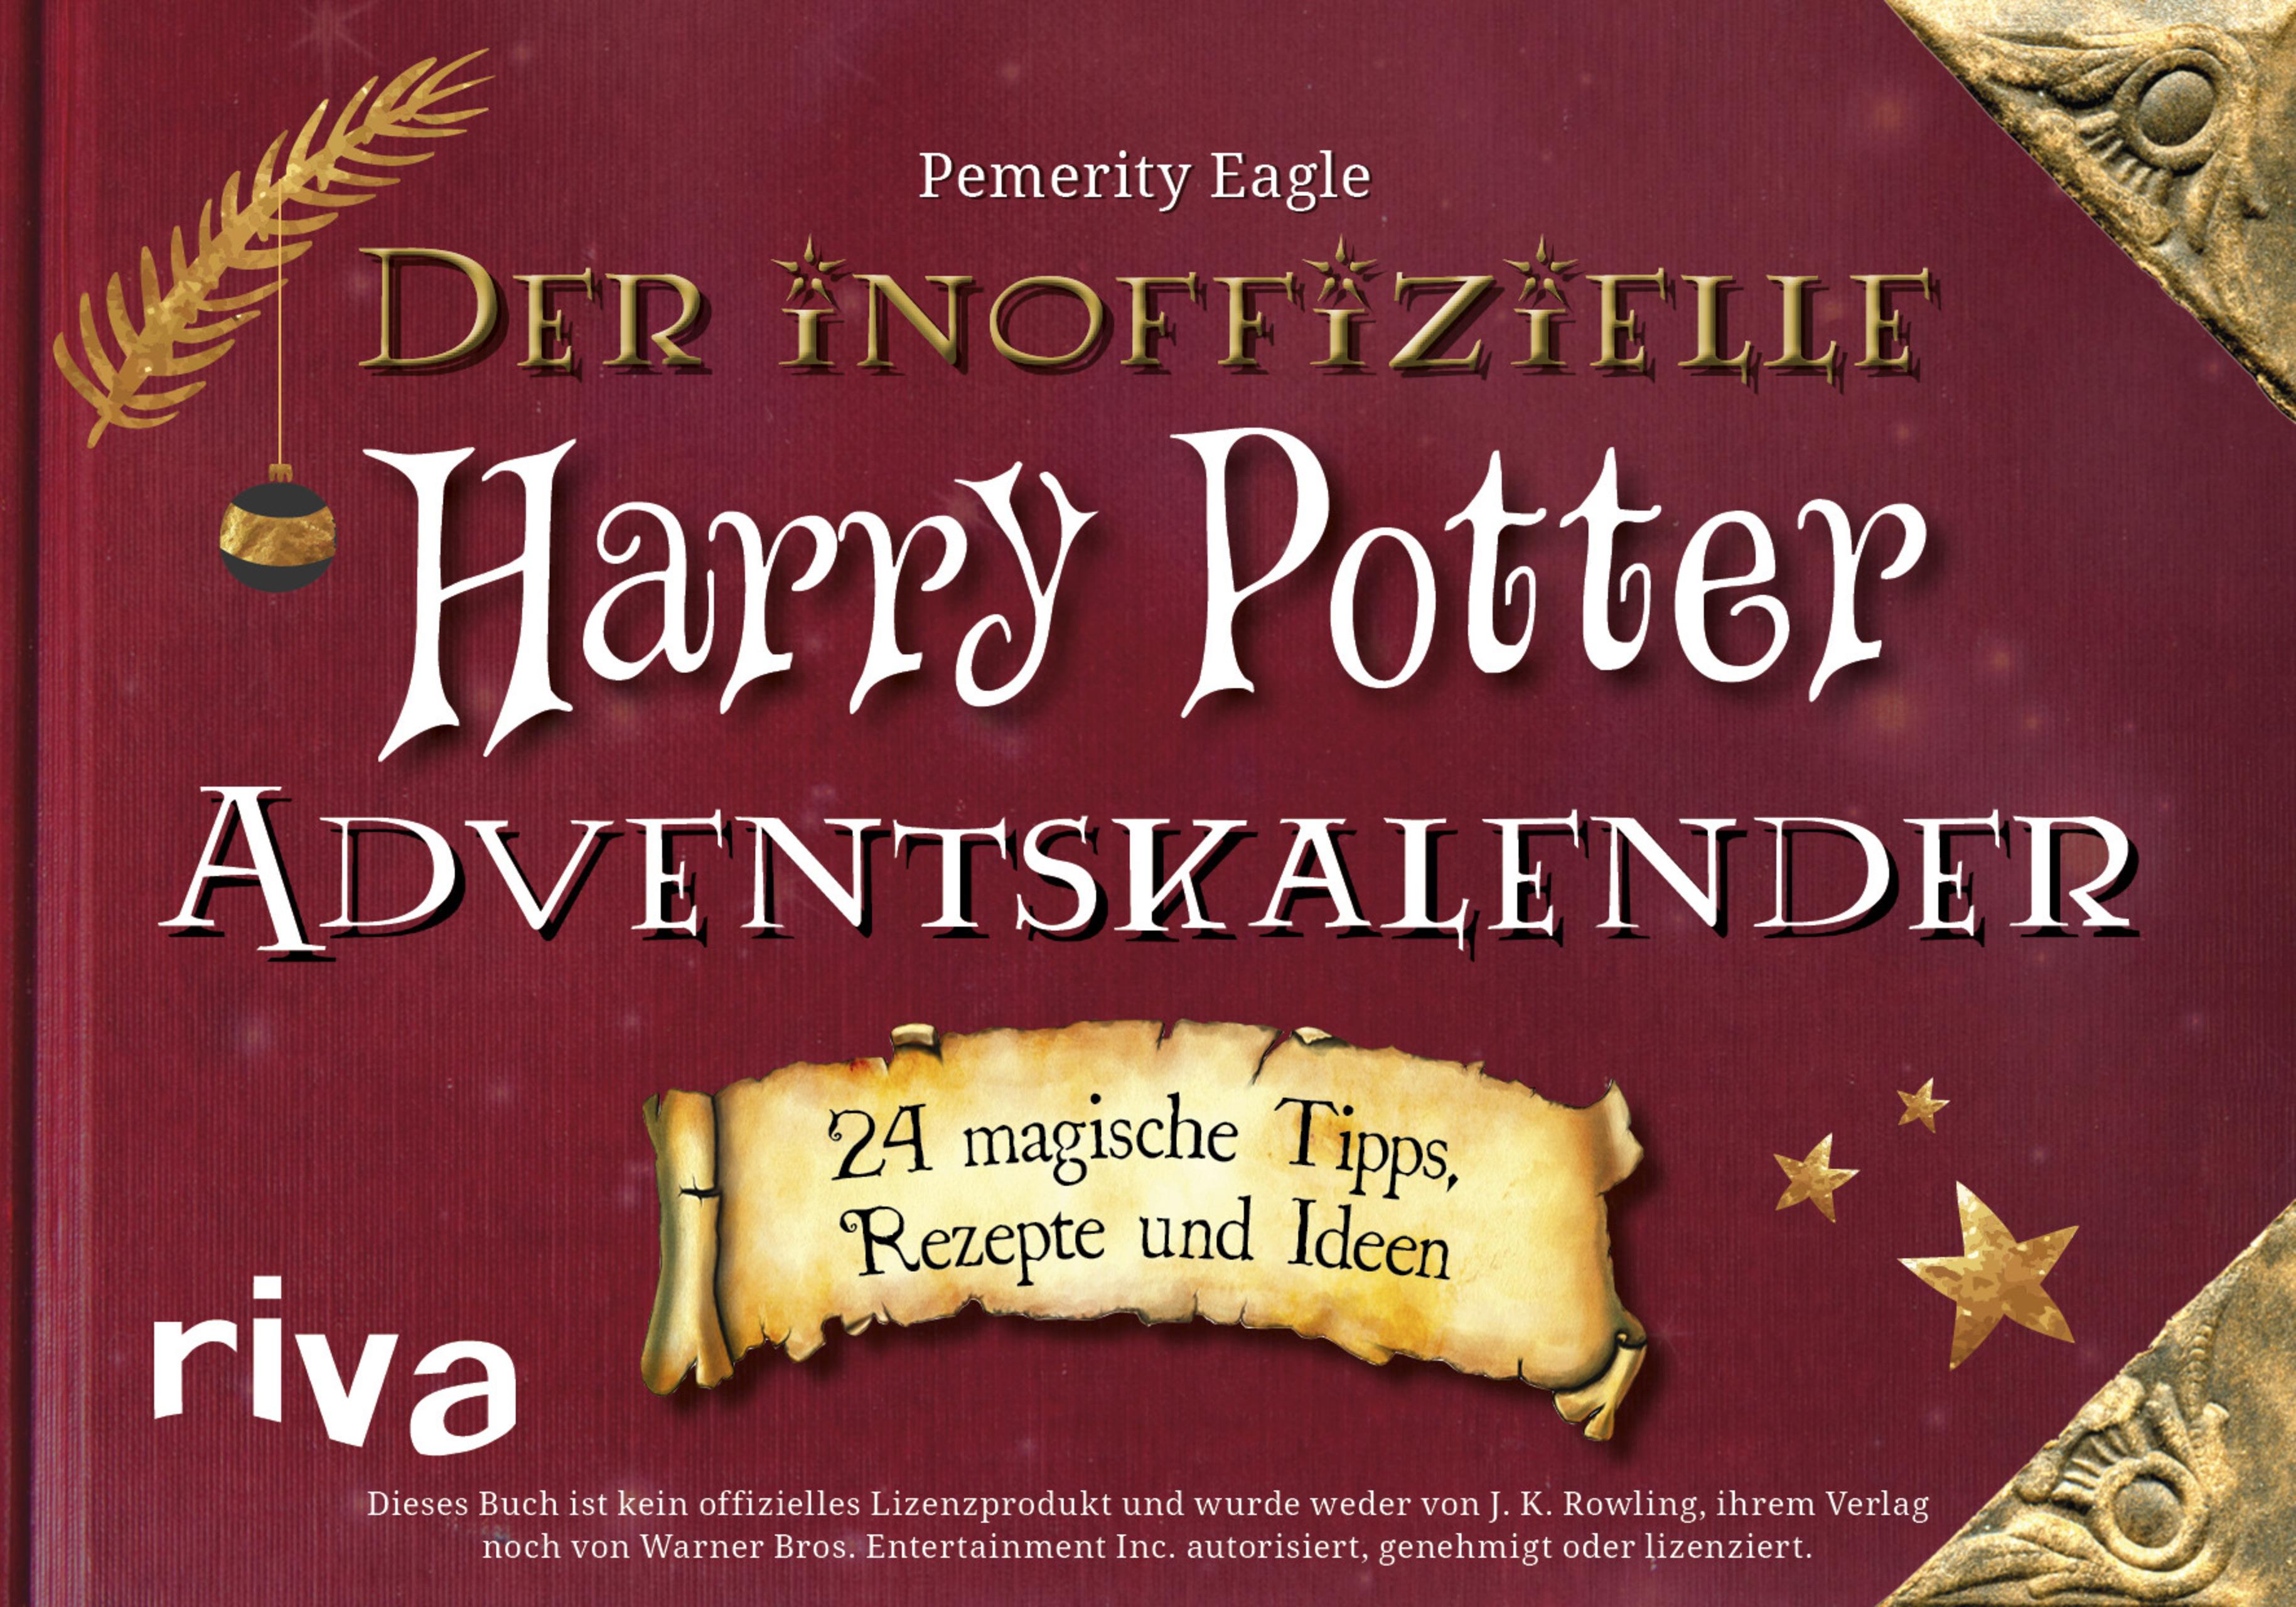 Der Inoffizielle Harry Potter Adventskalender 24 Magische Tipps